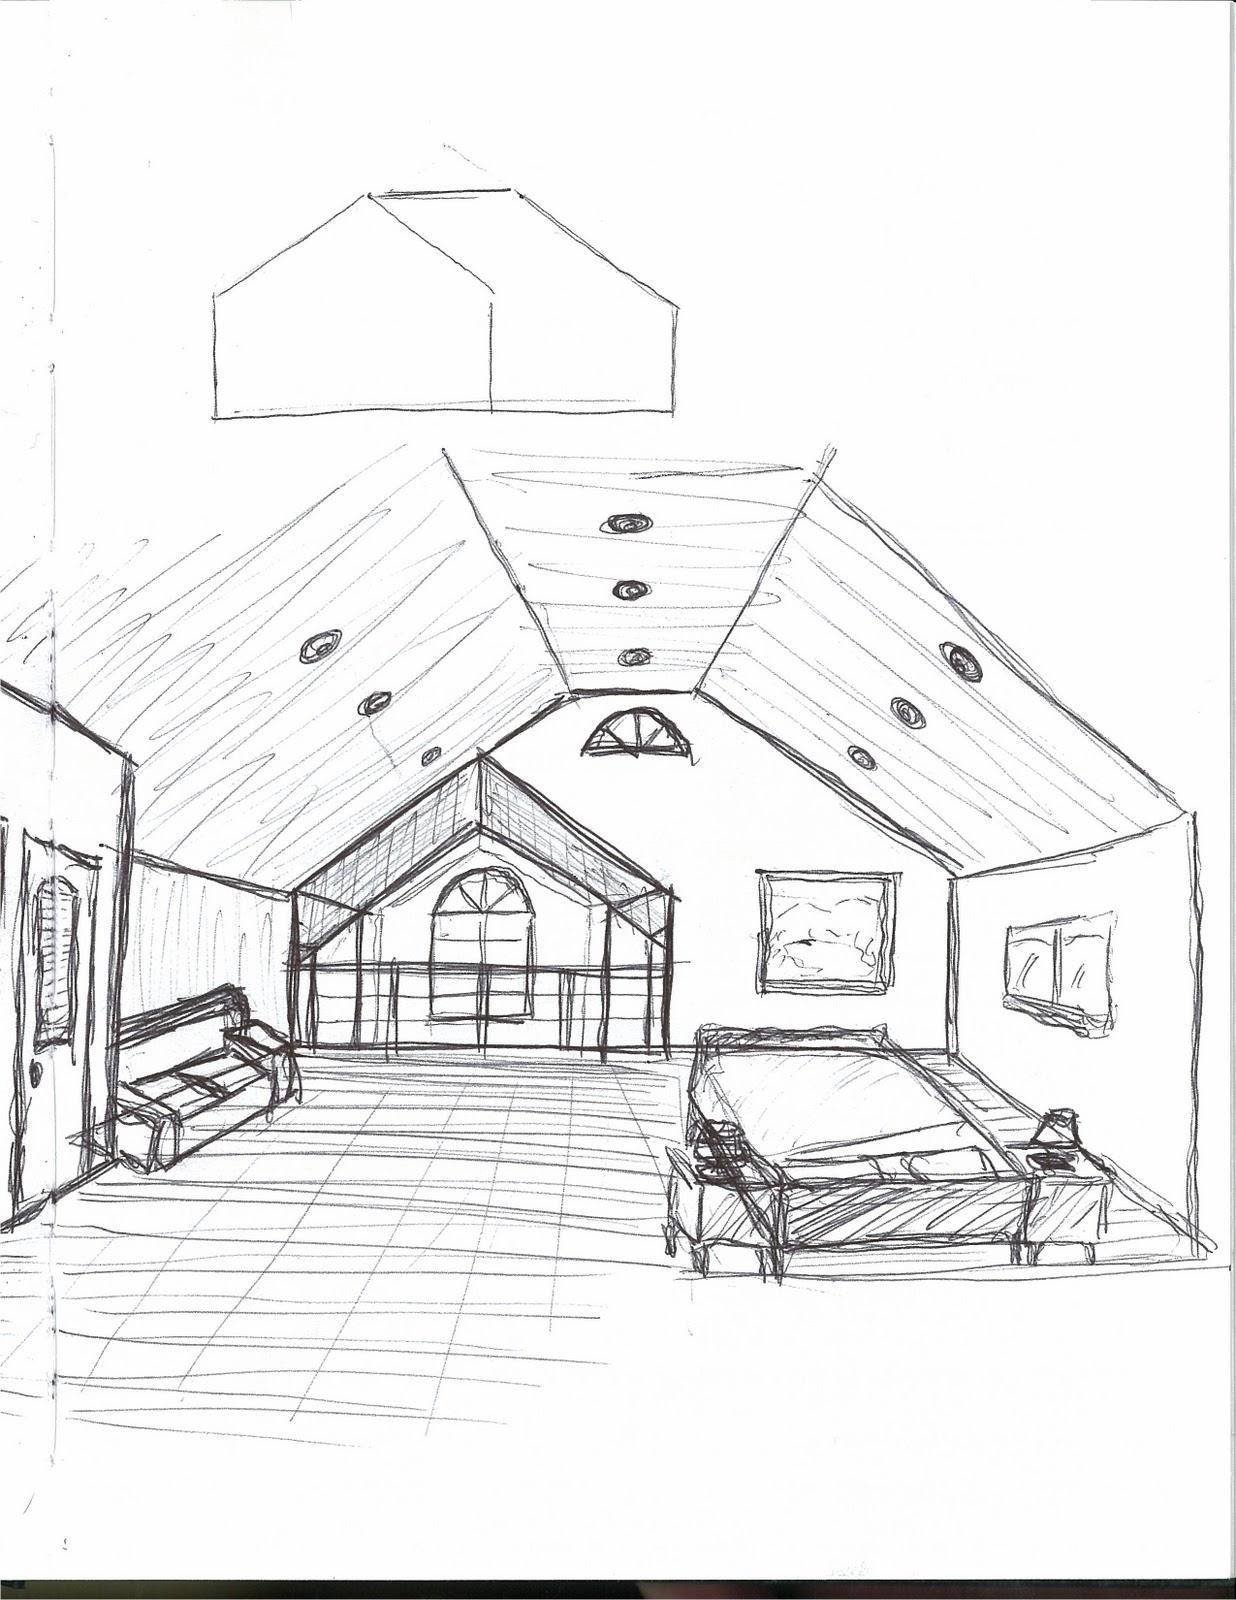 Aret 2220 Jones Design Idea 1 Master Bedroom Sketch